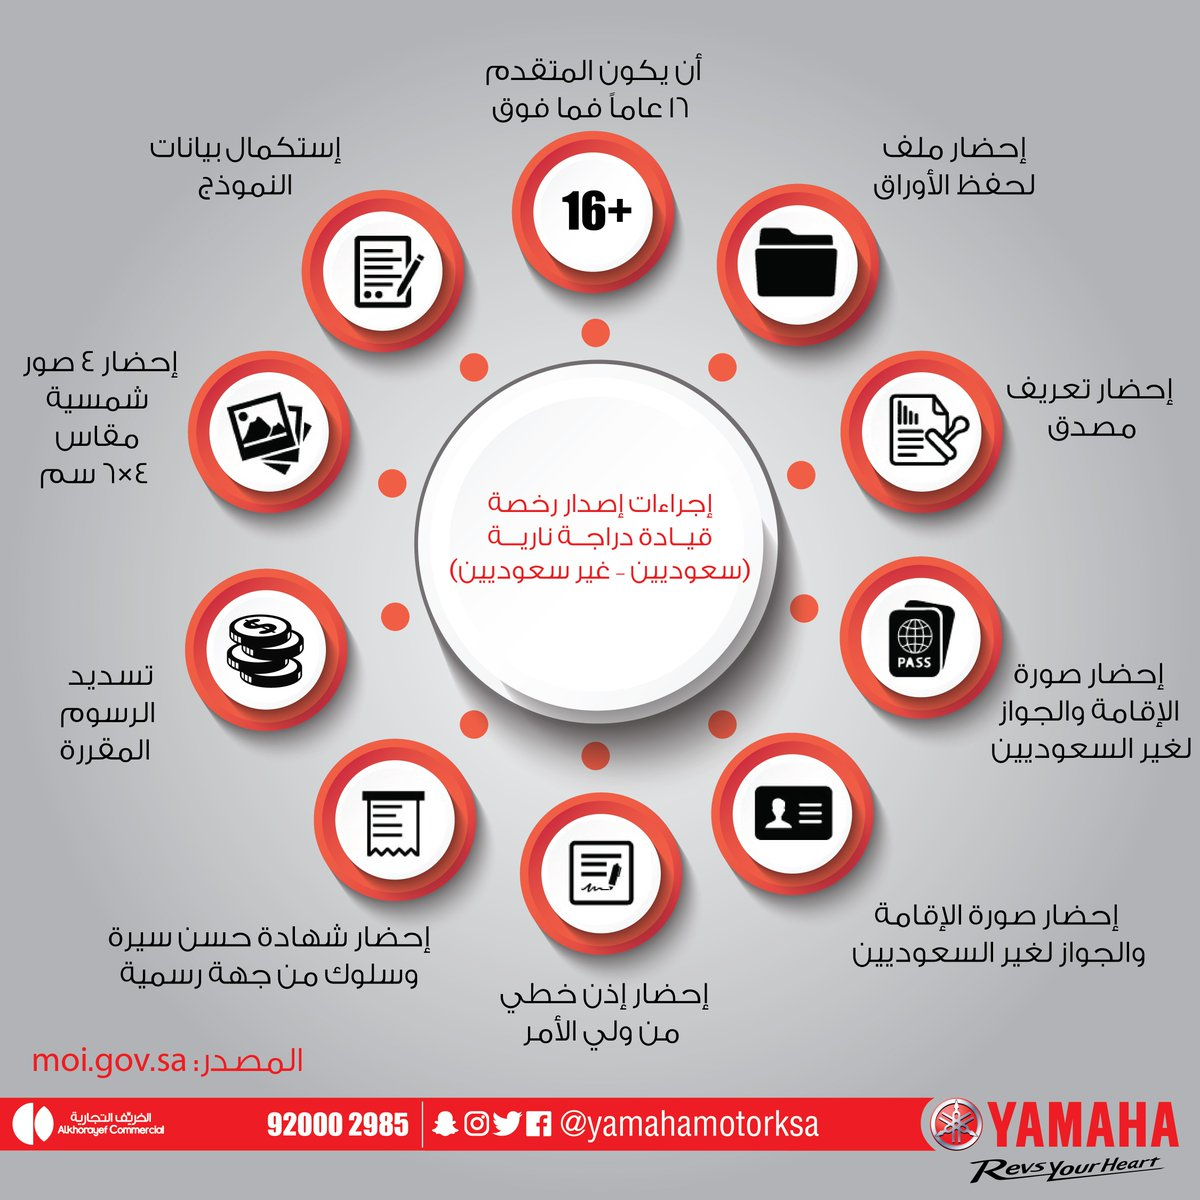 شروط استخراج رخصة قيادة للسعوديين